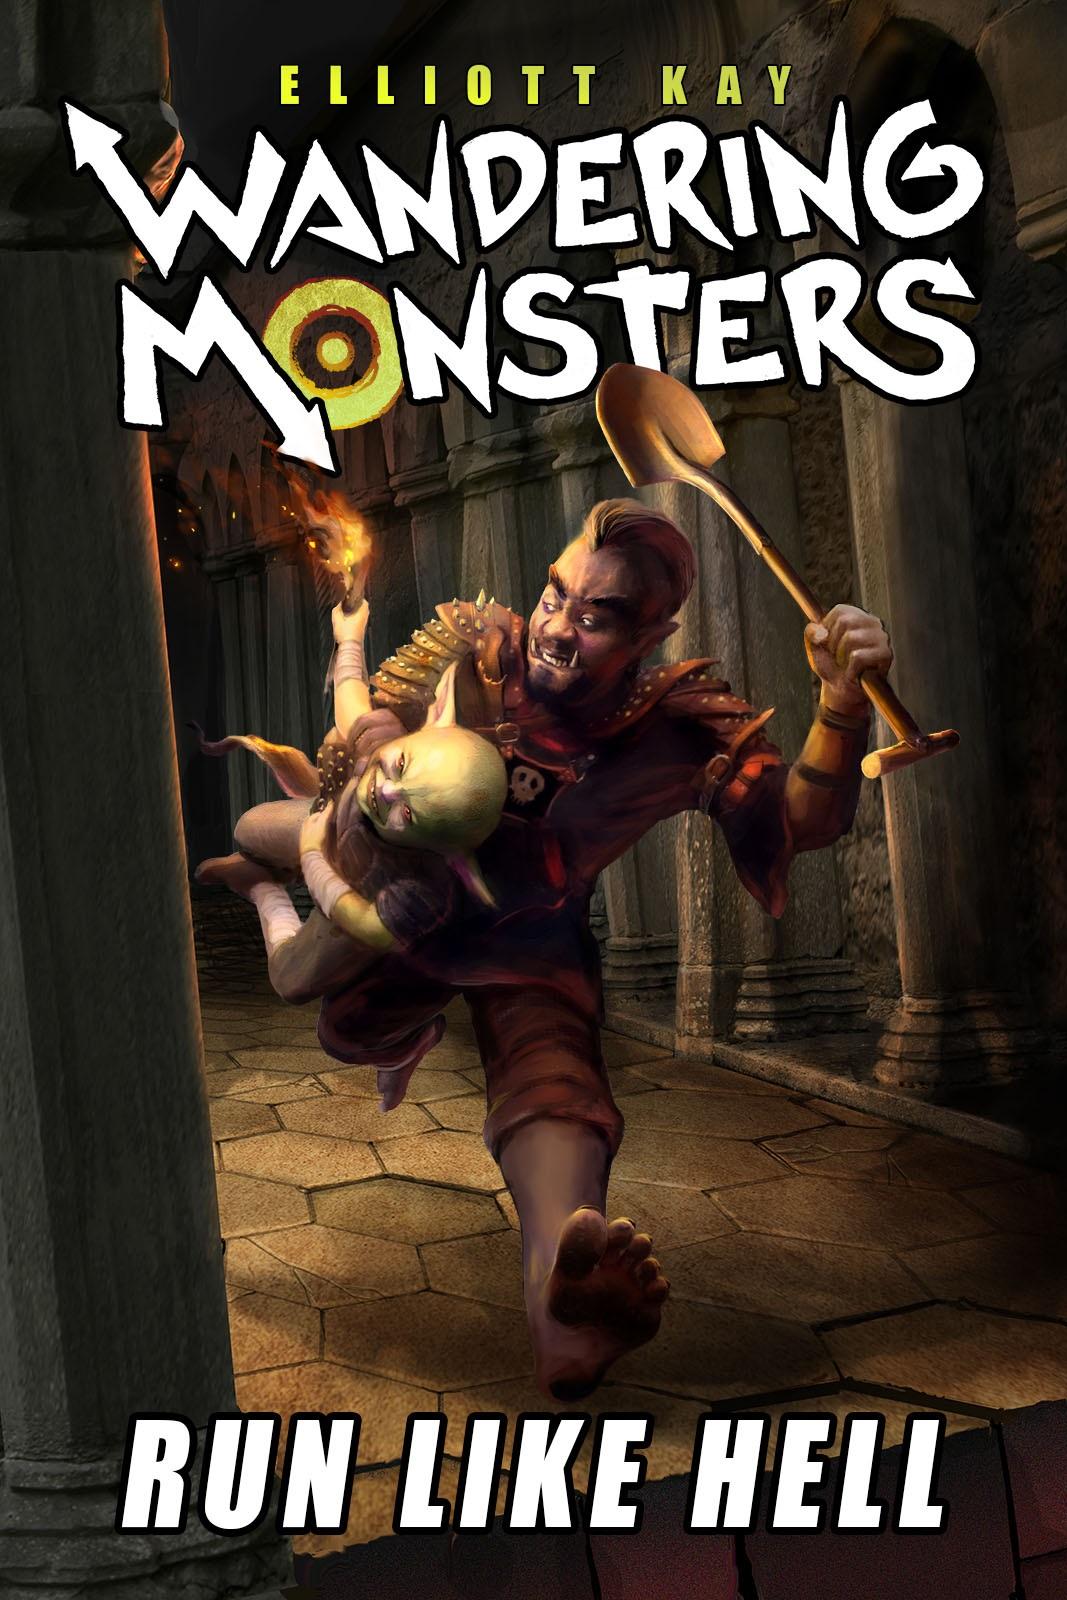 Wandering Monsters New Book New Series Elliott Kay